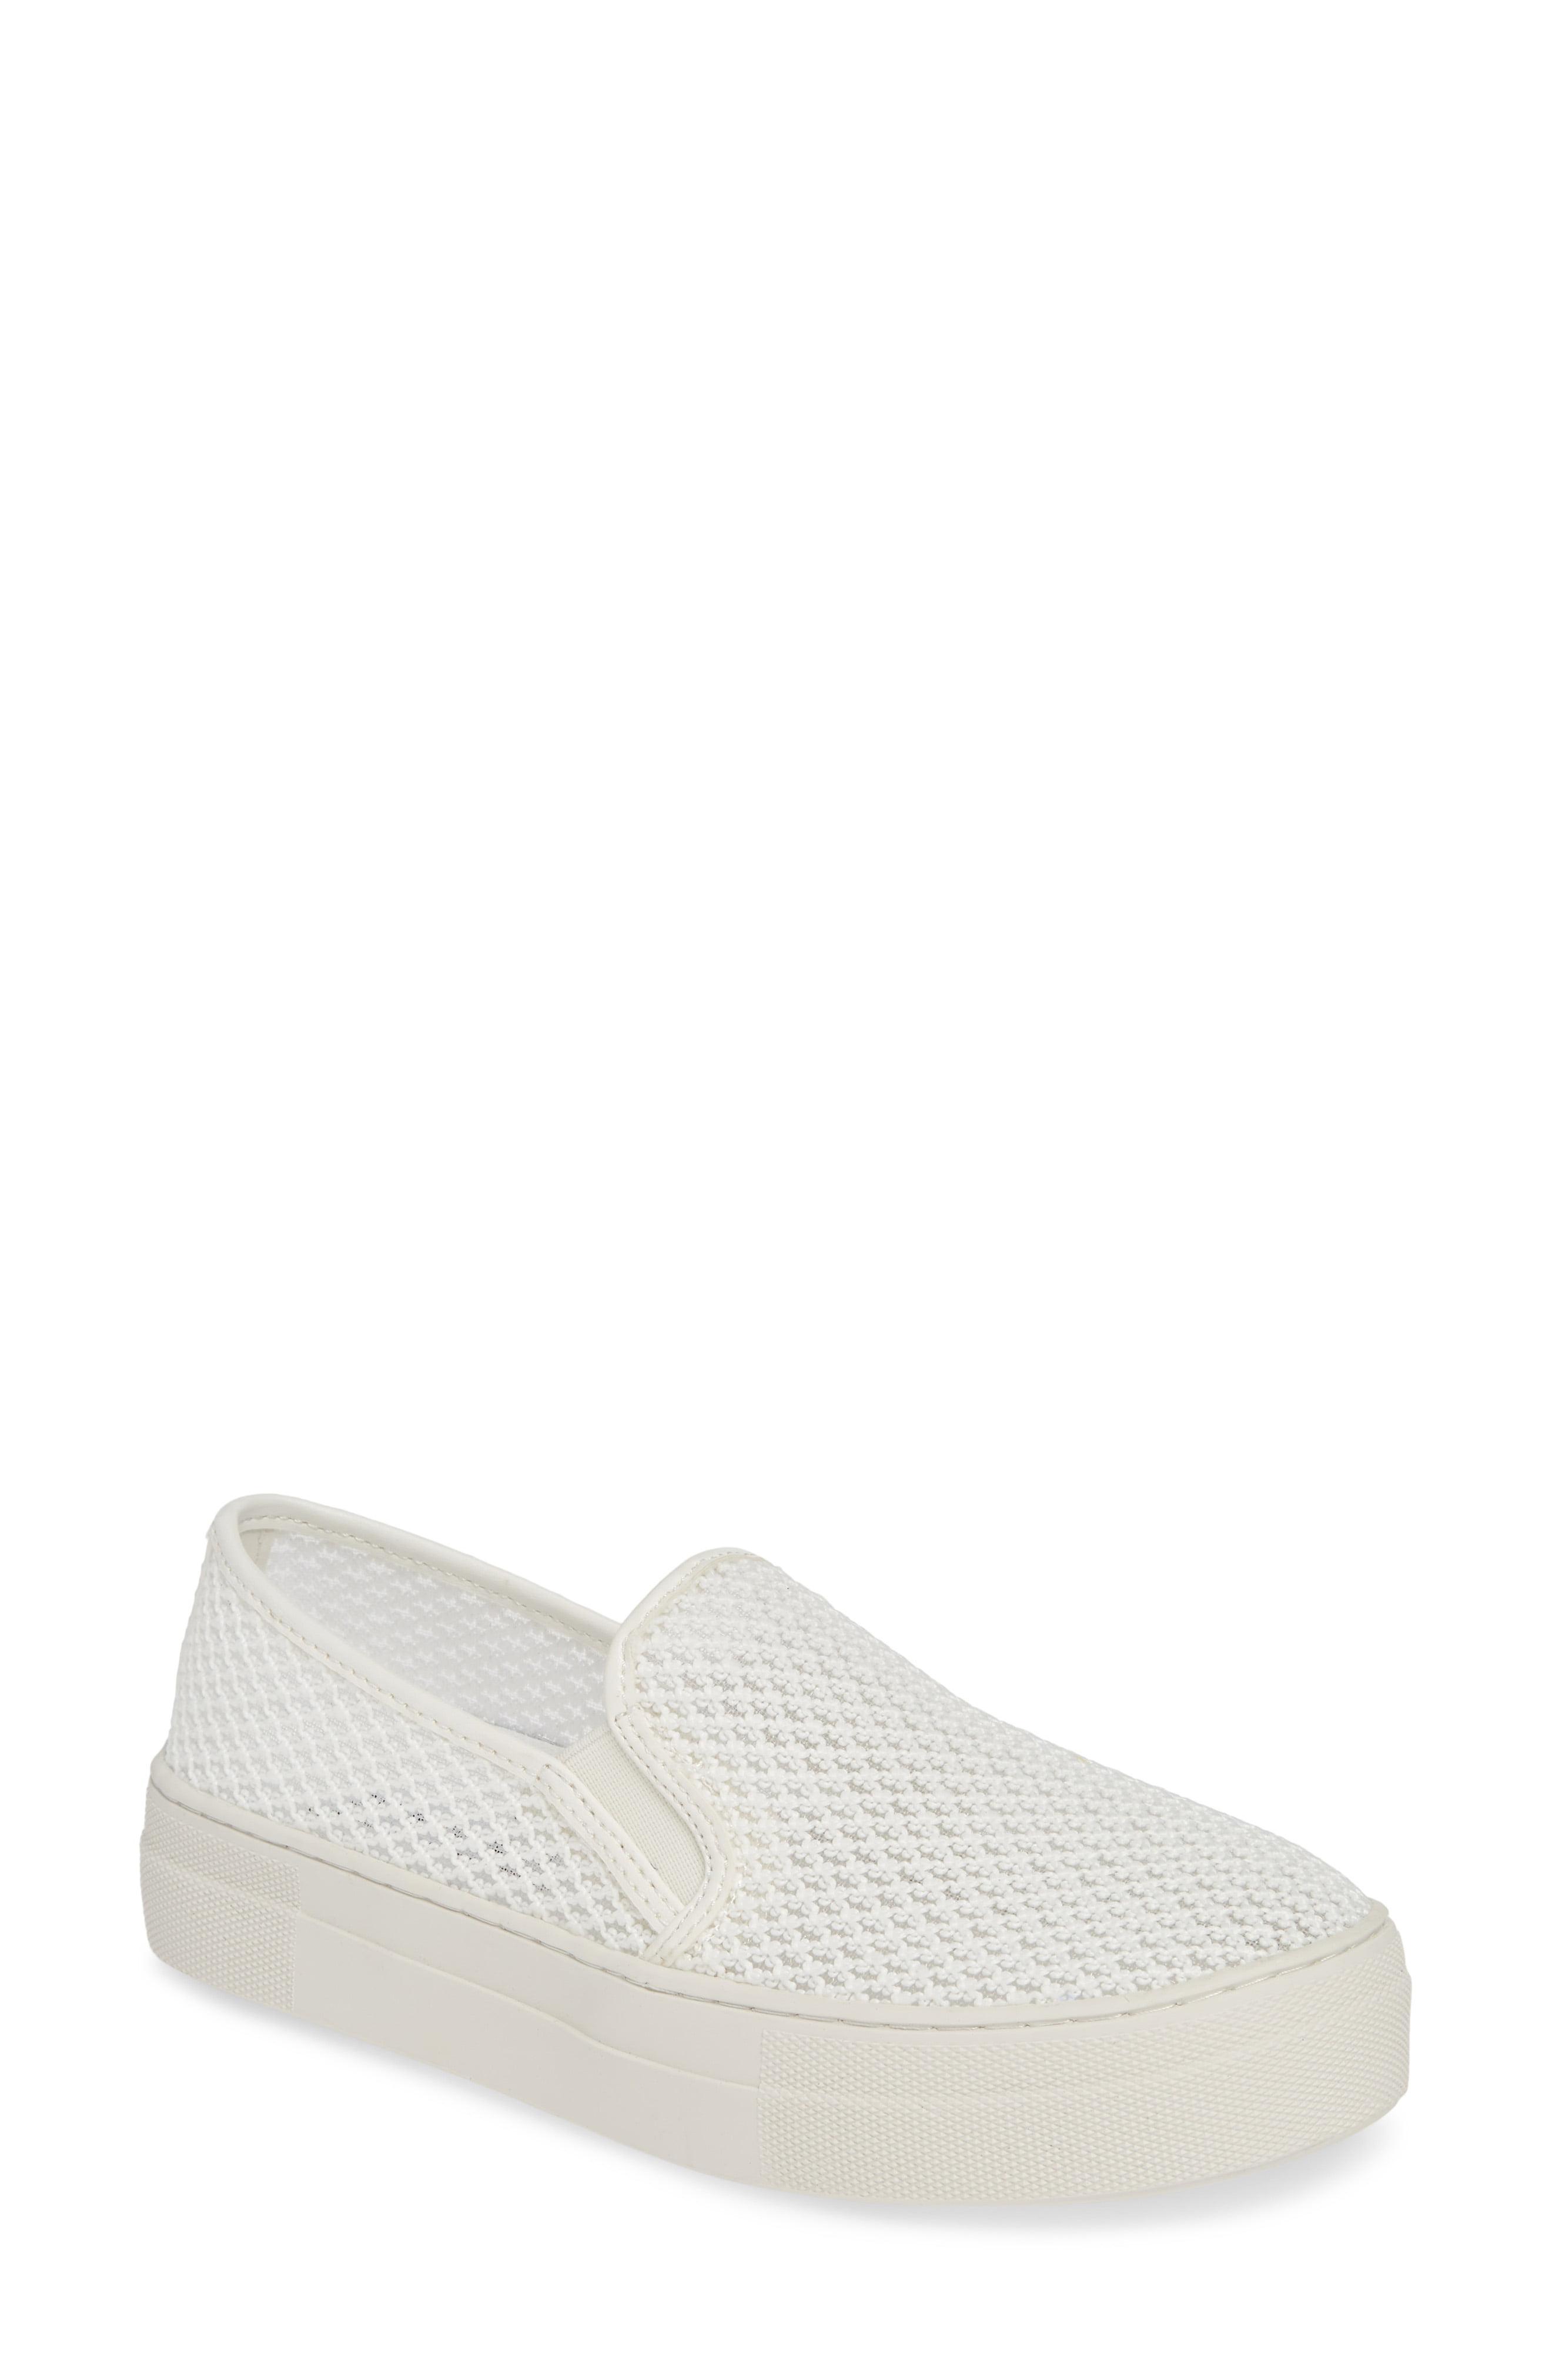 39a15158918 Lyst - Steve Madden Gills-m Mesh Slip-on Sneaker in White